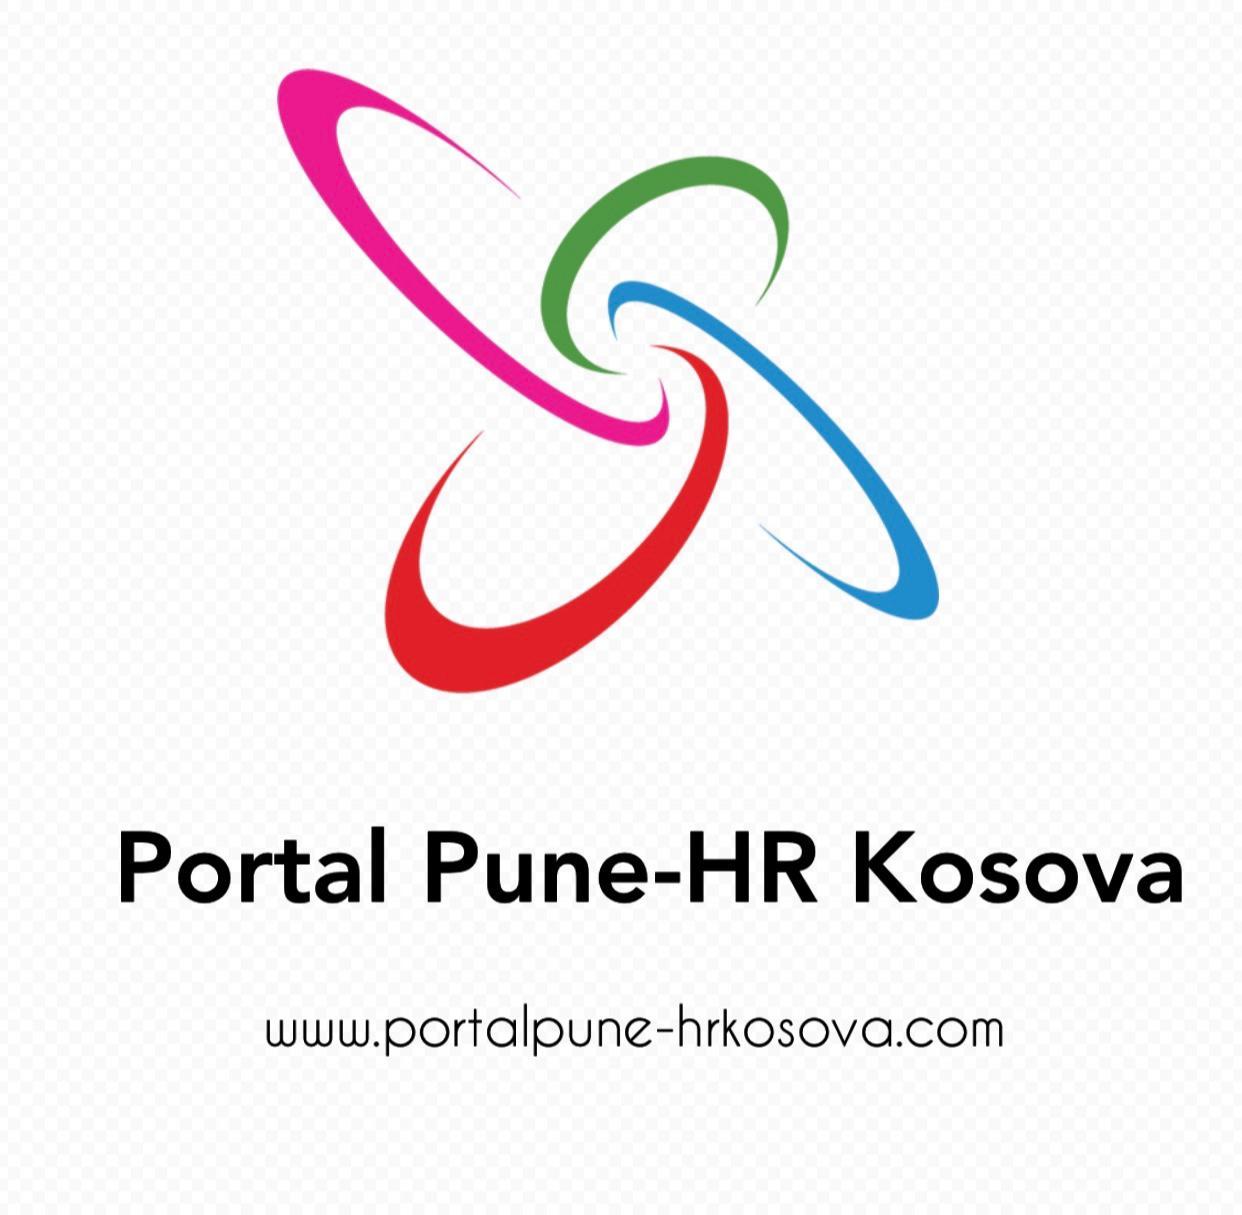 Portal Pune-HR Kosova